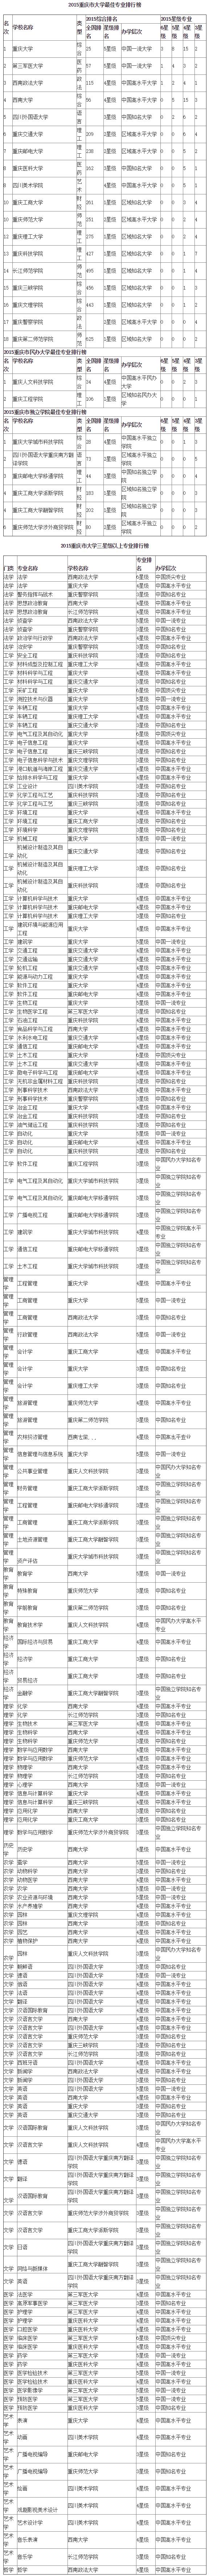 2015年重庆市大学最佳专业排行榜